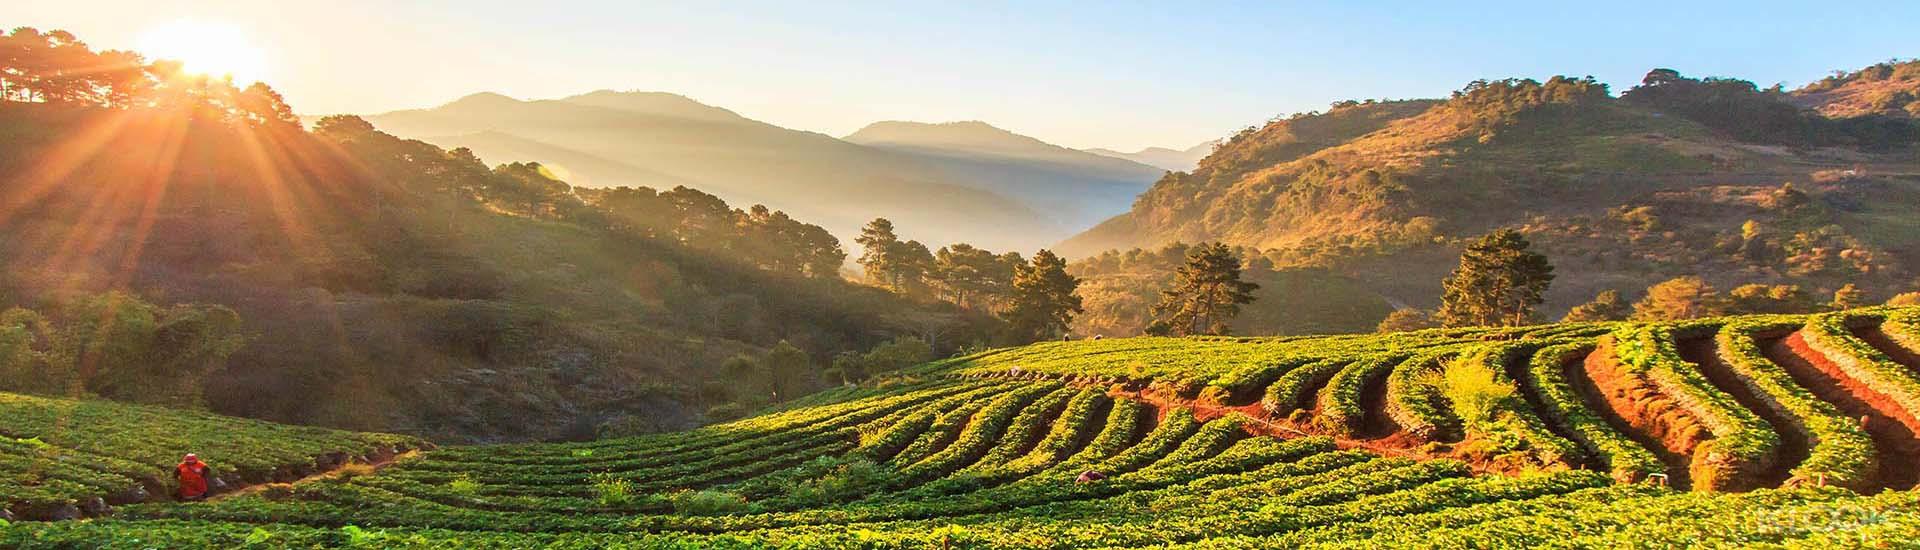 parc national thailande